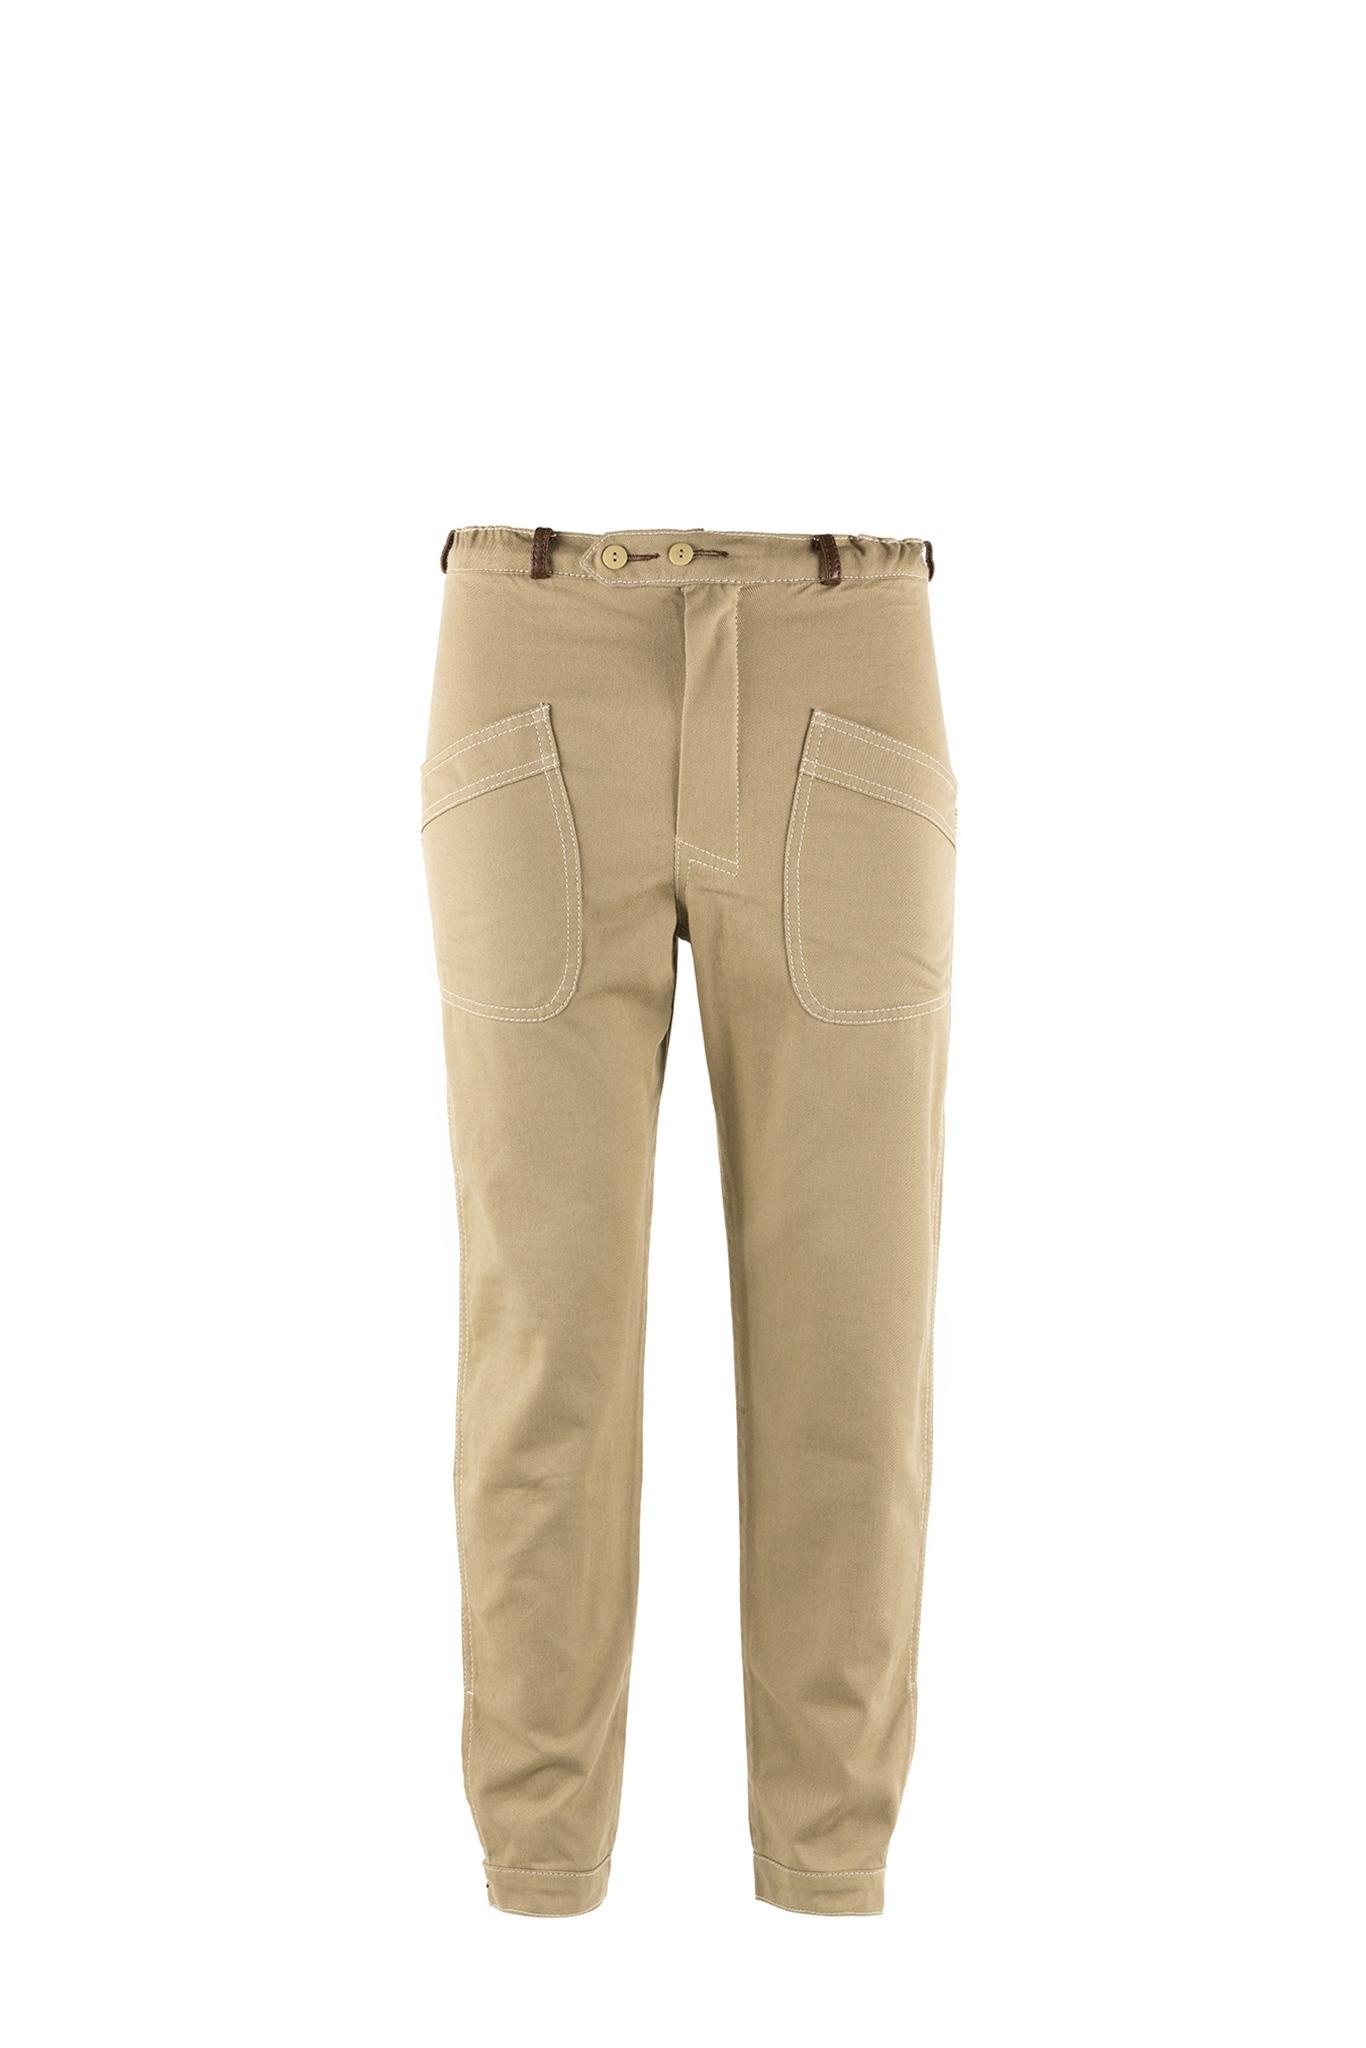 Home page - Pilot Pants - Cotton gabardine